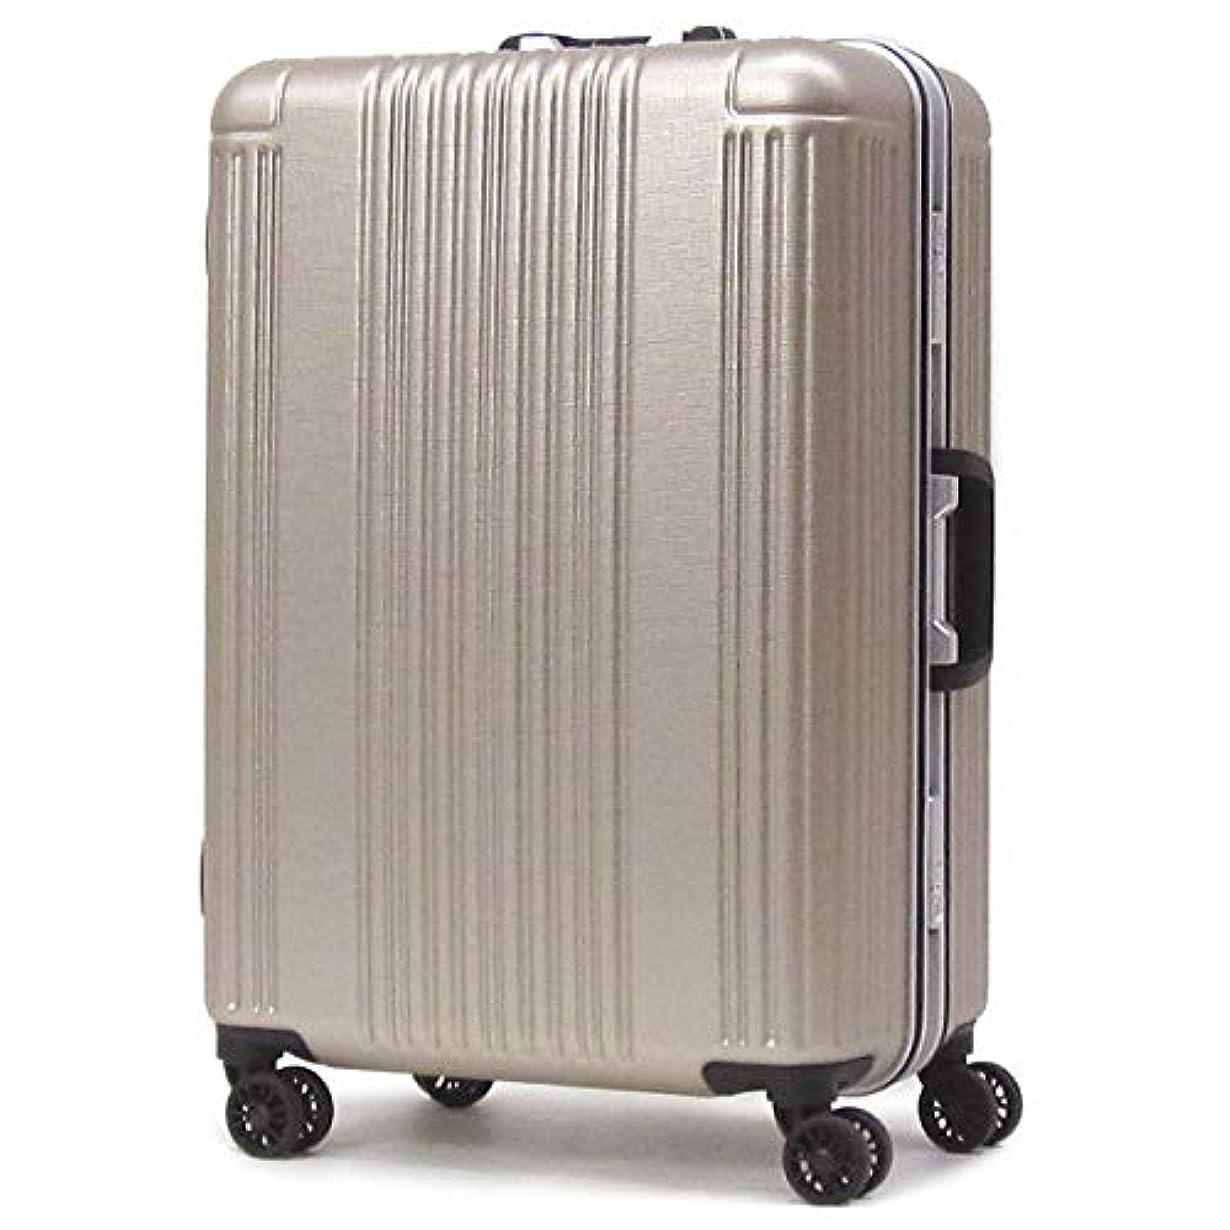 下に向けます最後のラップトップ[シフレ] スーツケース キャリーバッグ 軽量丈夫 ハードフレーム 90L 5.5kg 4-7泊 SIF1065-66